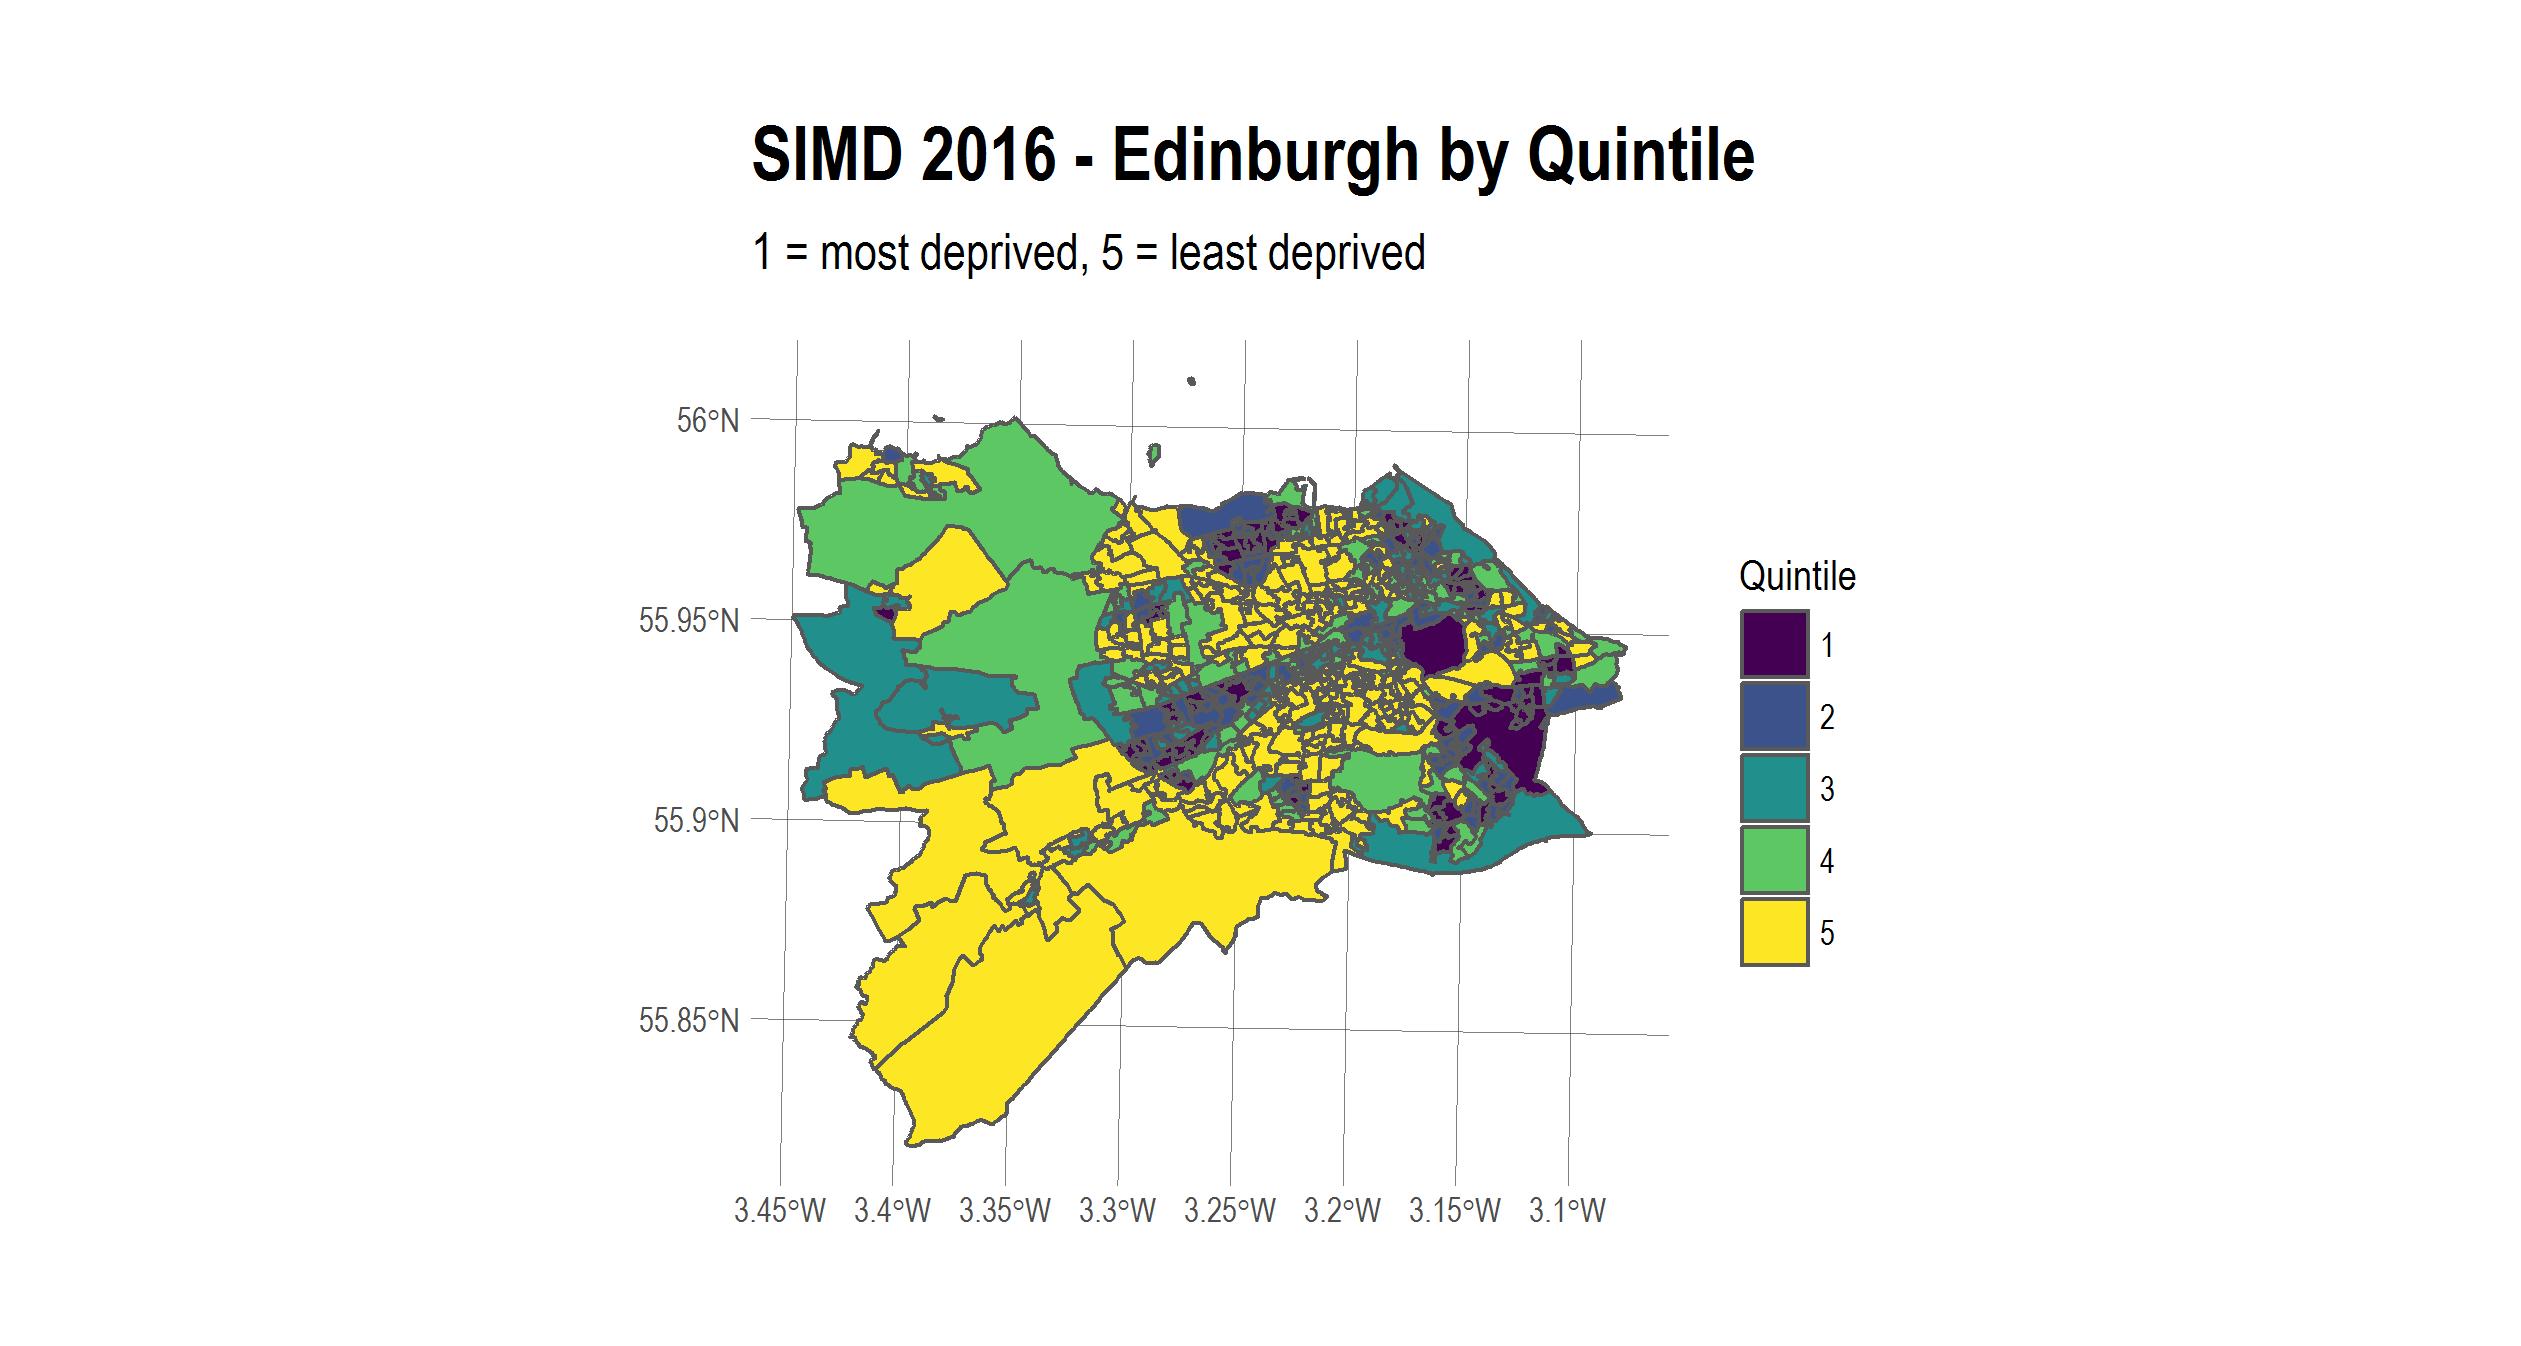 Edinburgh deprivation by quintile